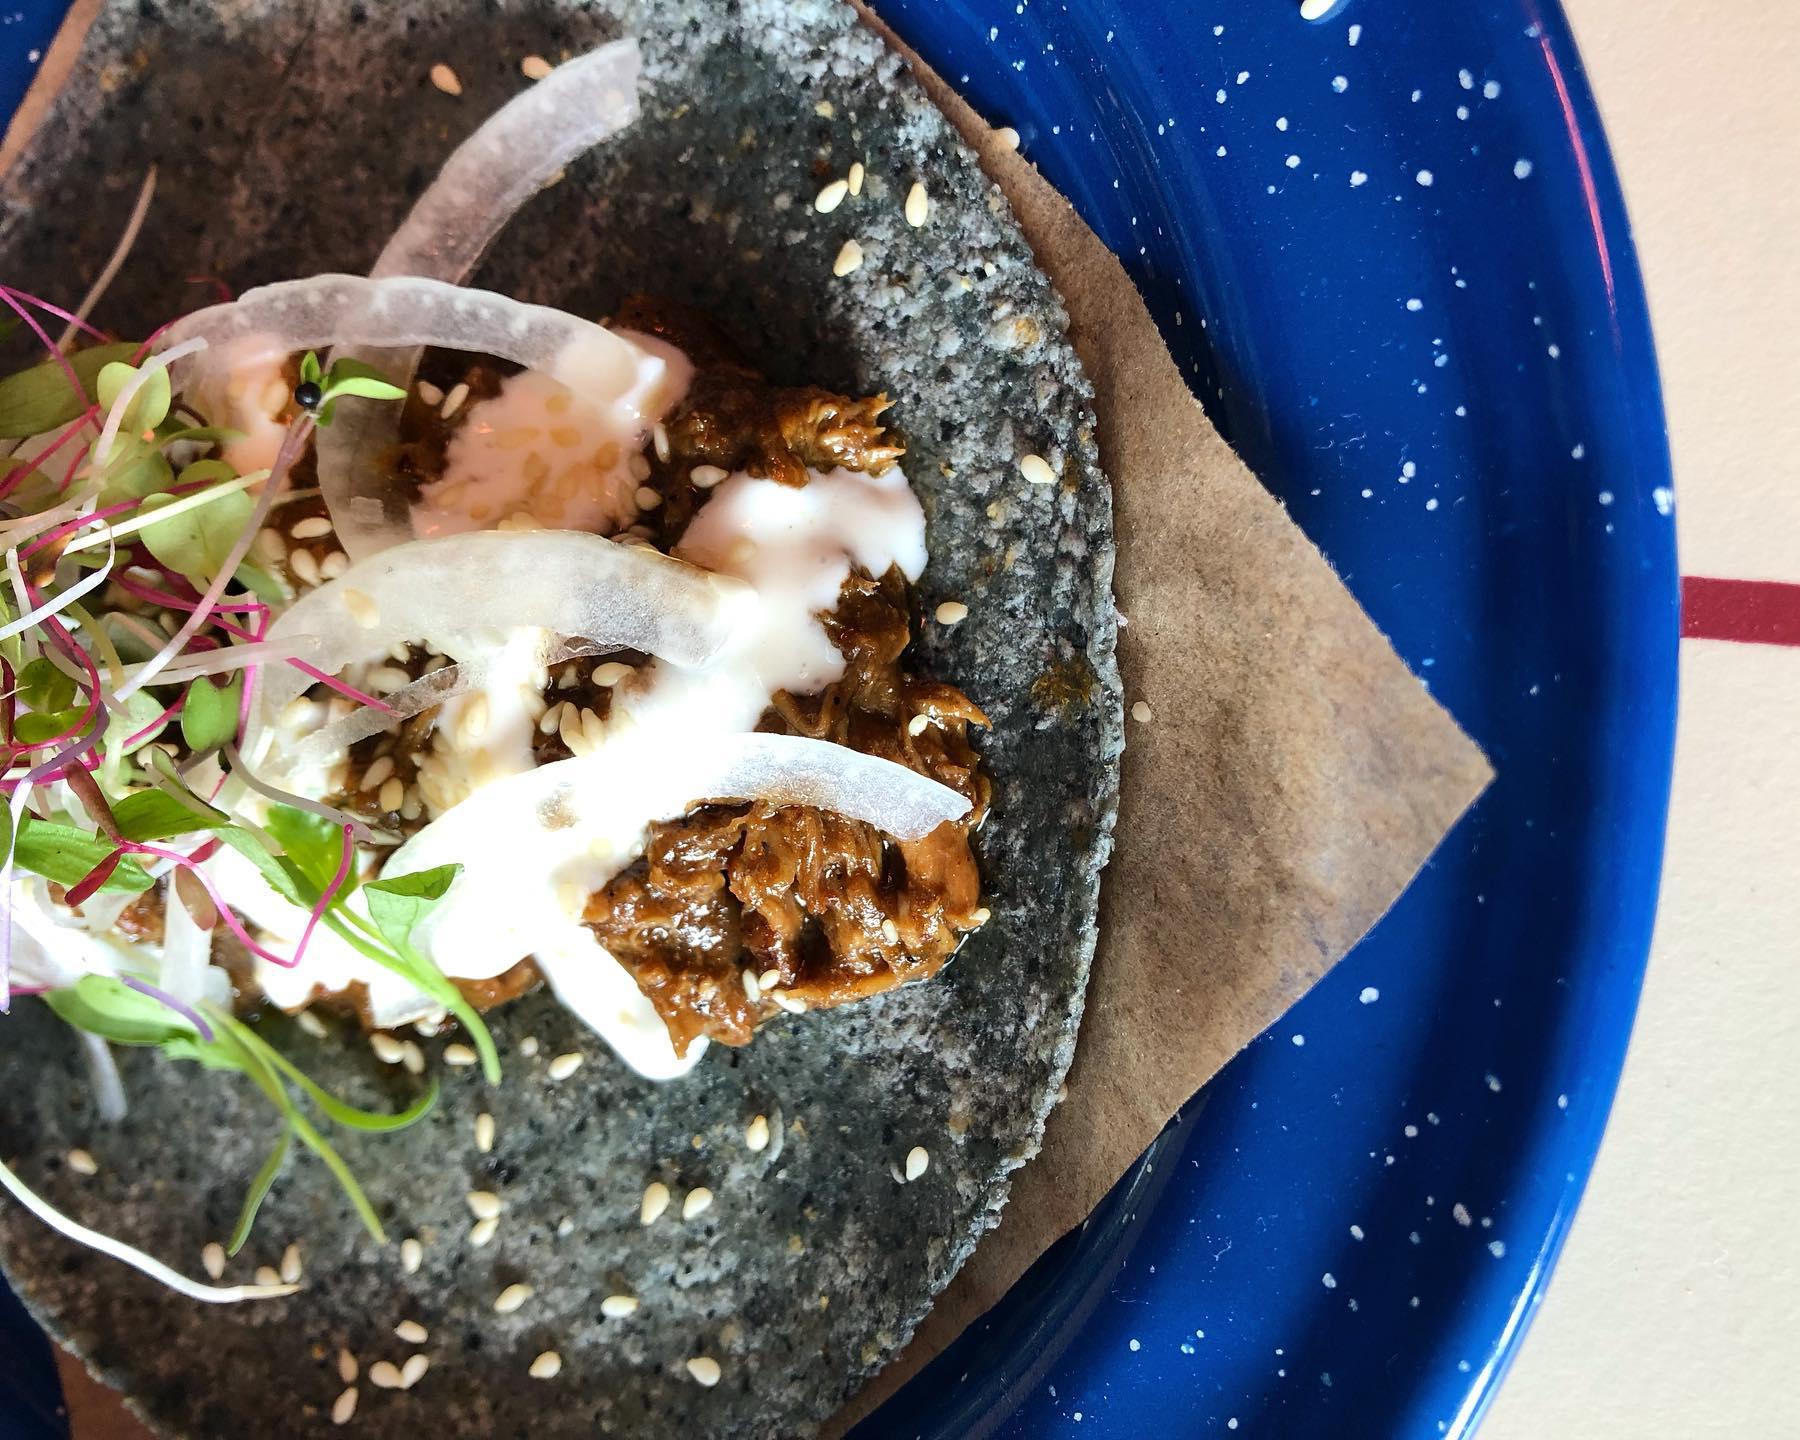 The duck confit taco from Nixta Taqueria